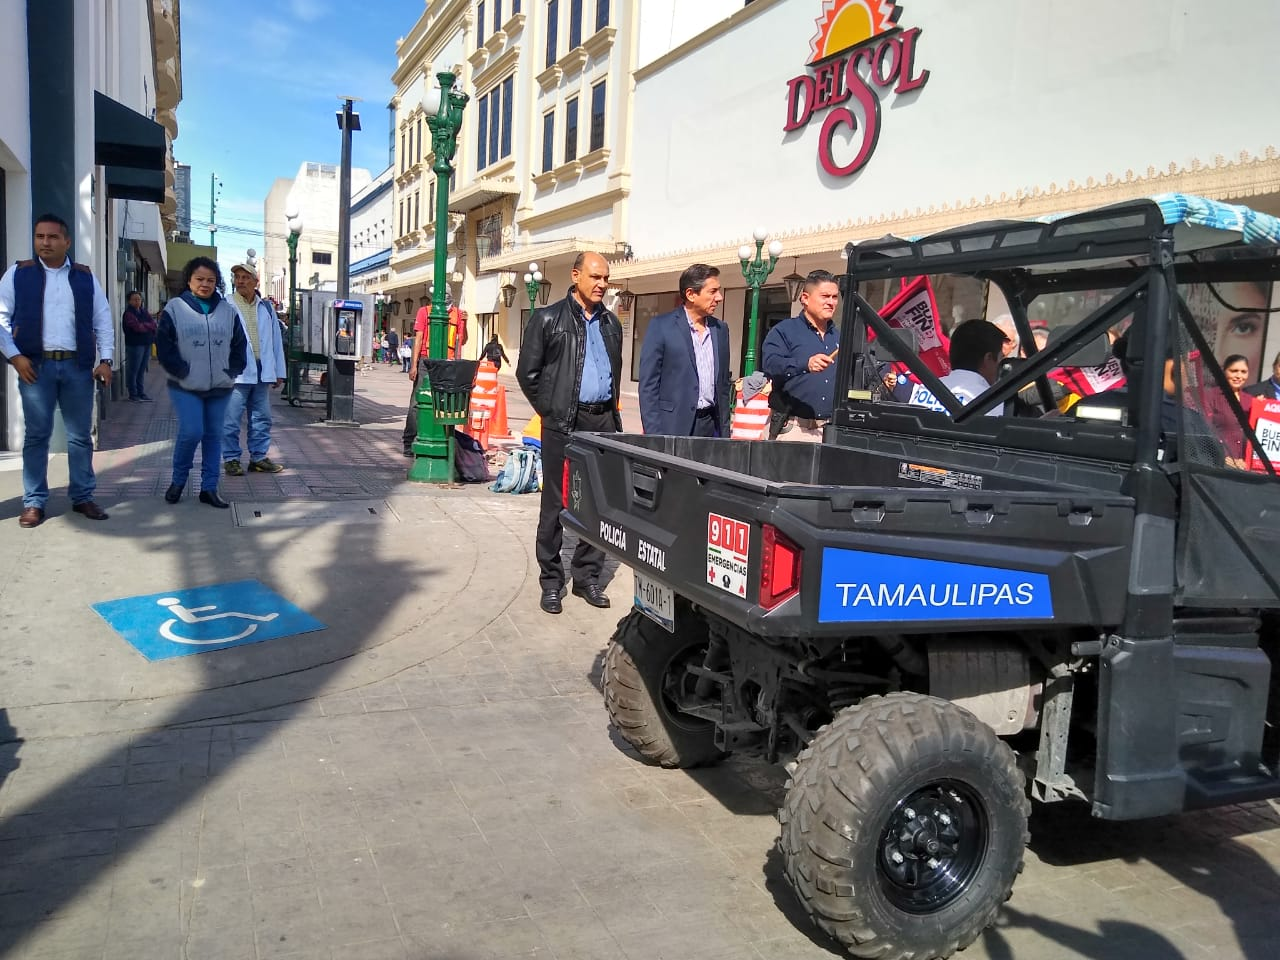 Vigilan 495 policias el Buen Fin en Tampico